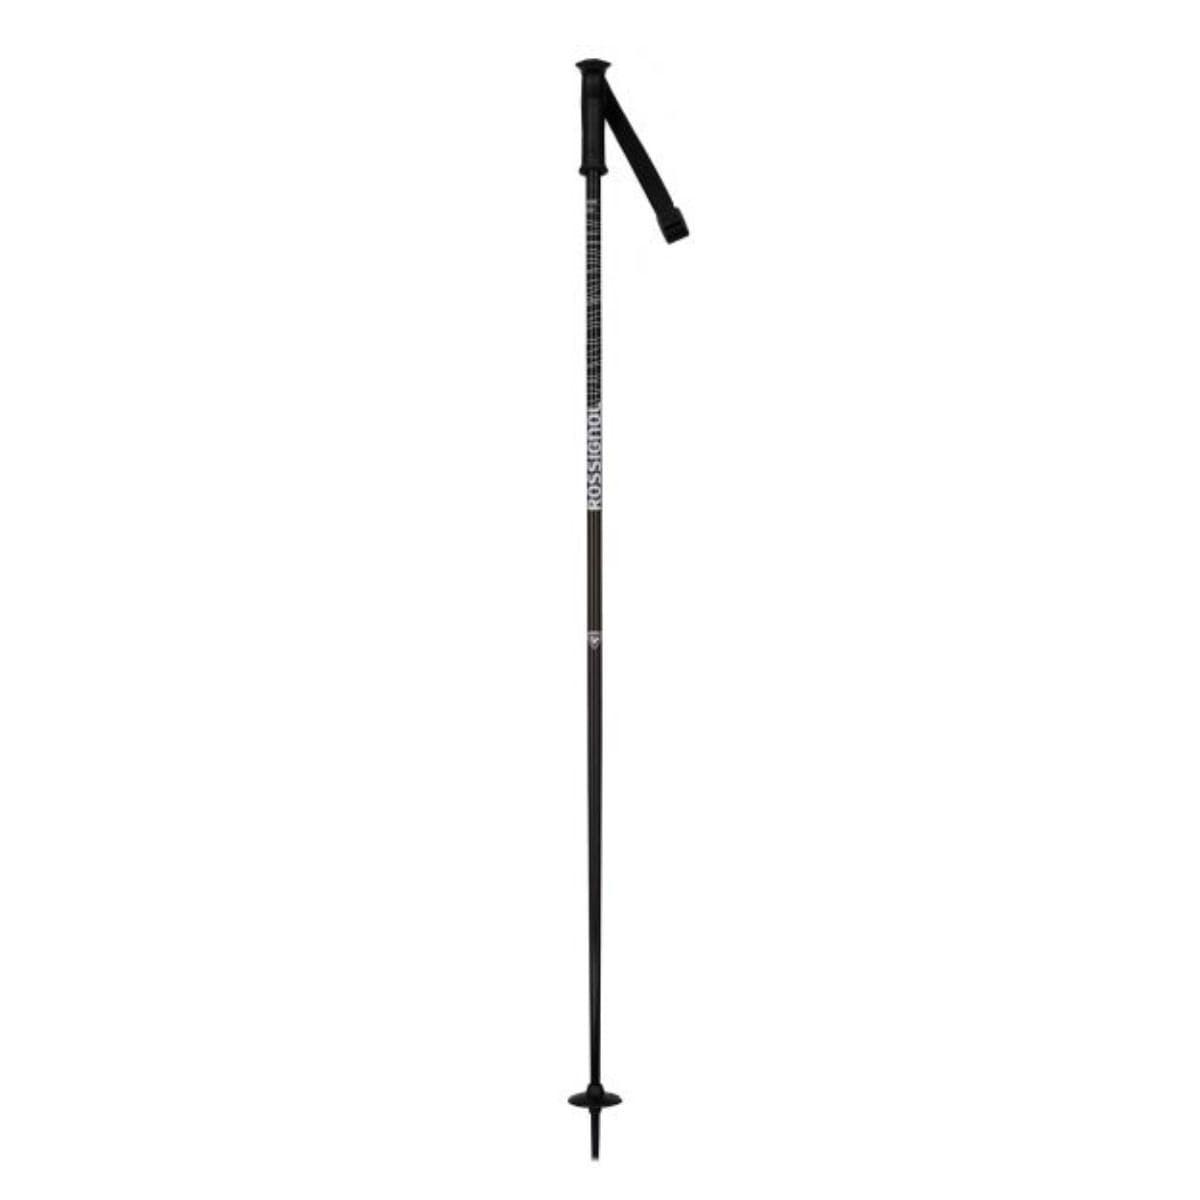 Rossignol Electra Ski Poles · 2021